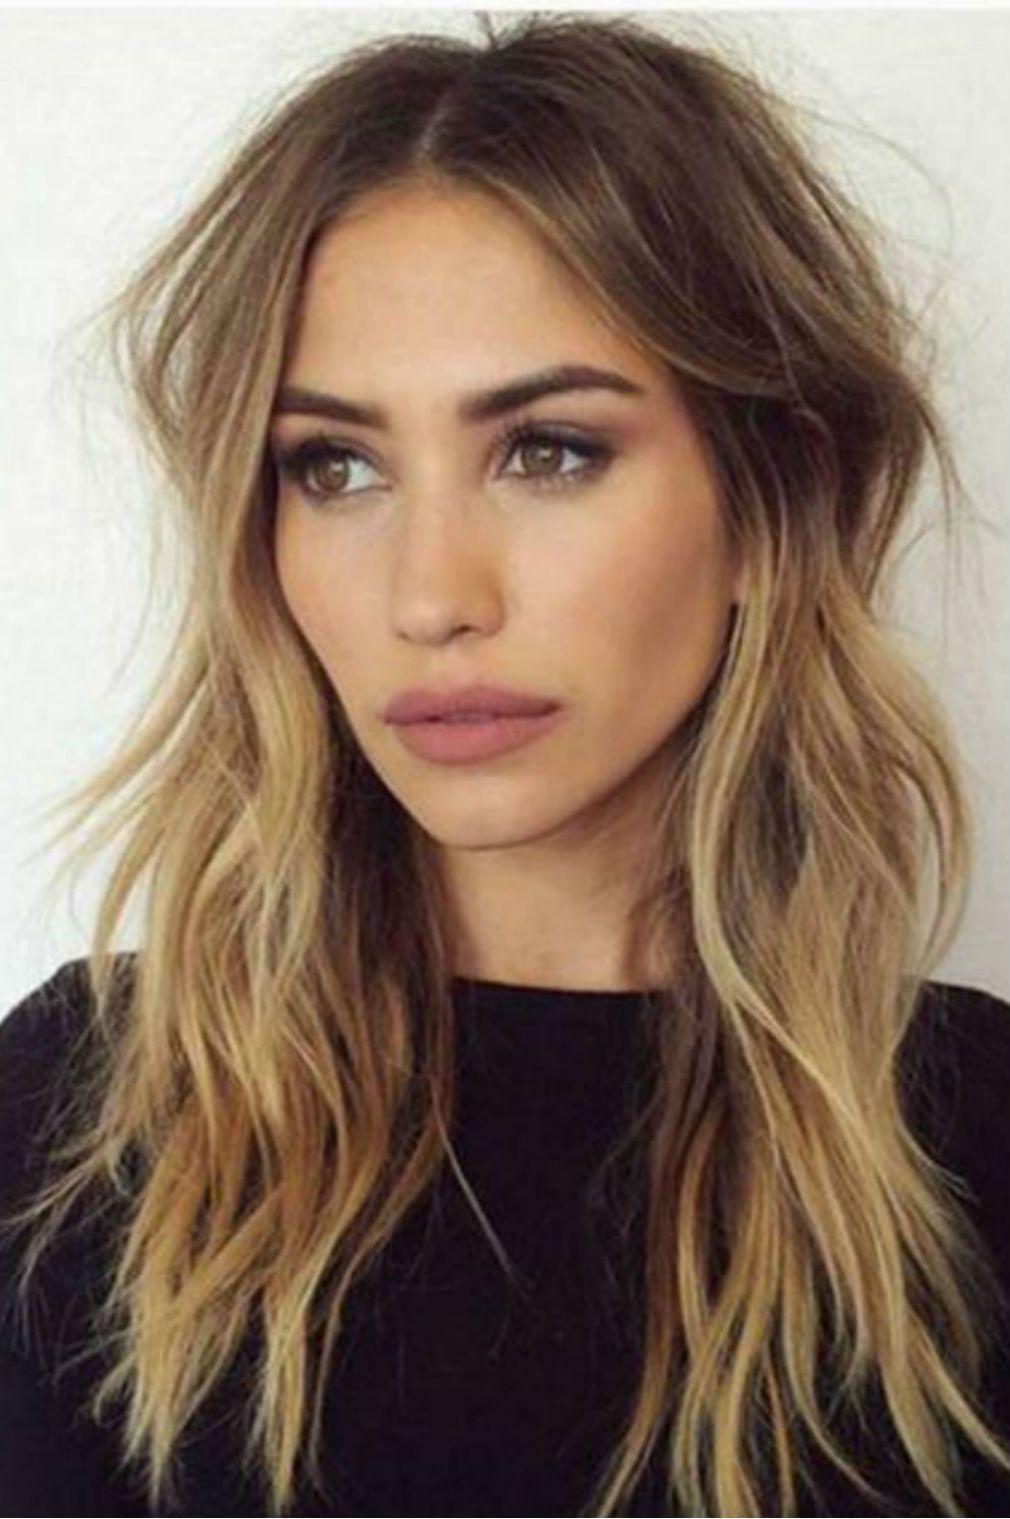 Cheveux mi-longs raie sur le côté | Coiffure cheveux mi long, Coupe cheveux mi longs blonds ...